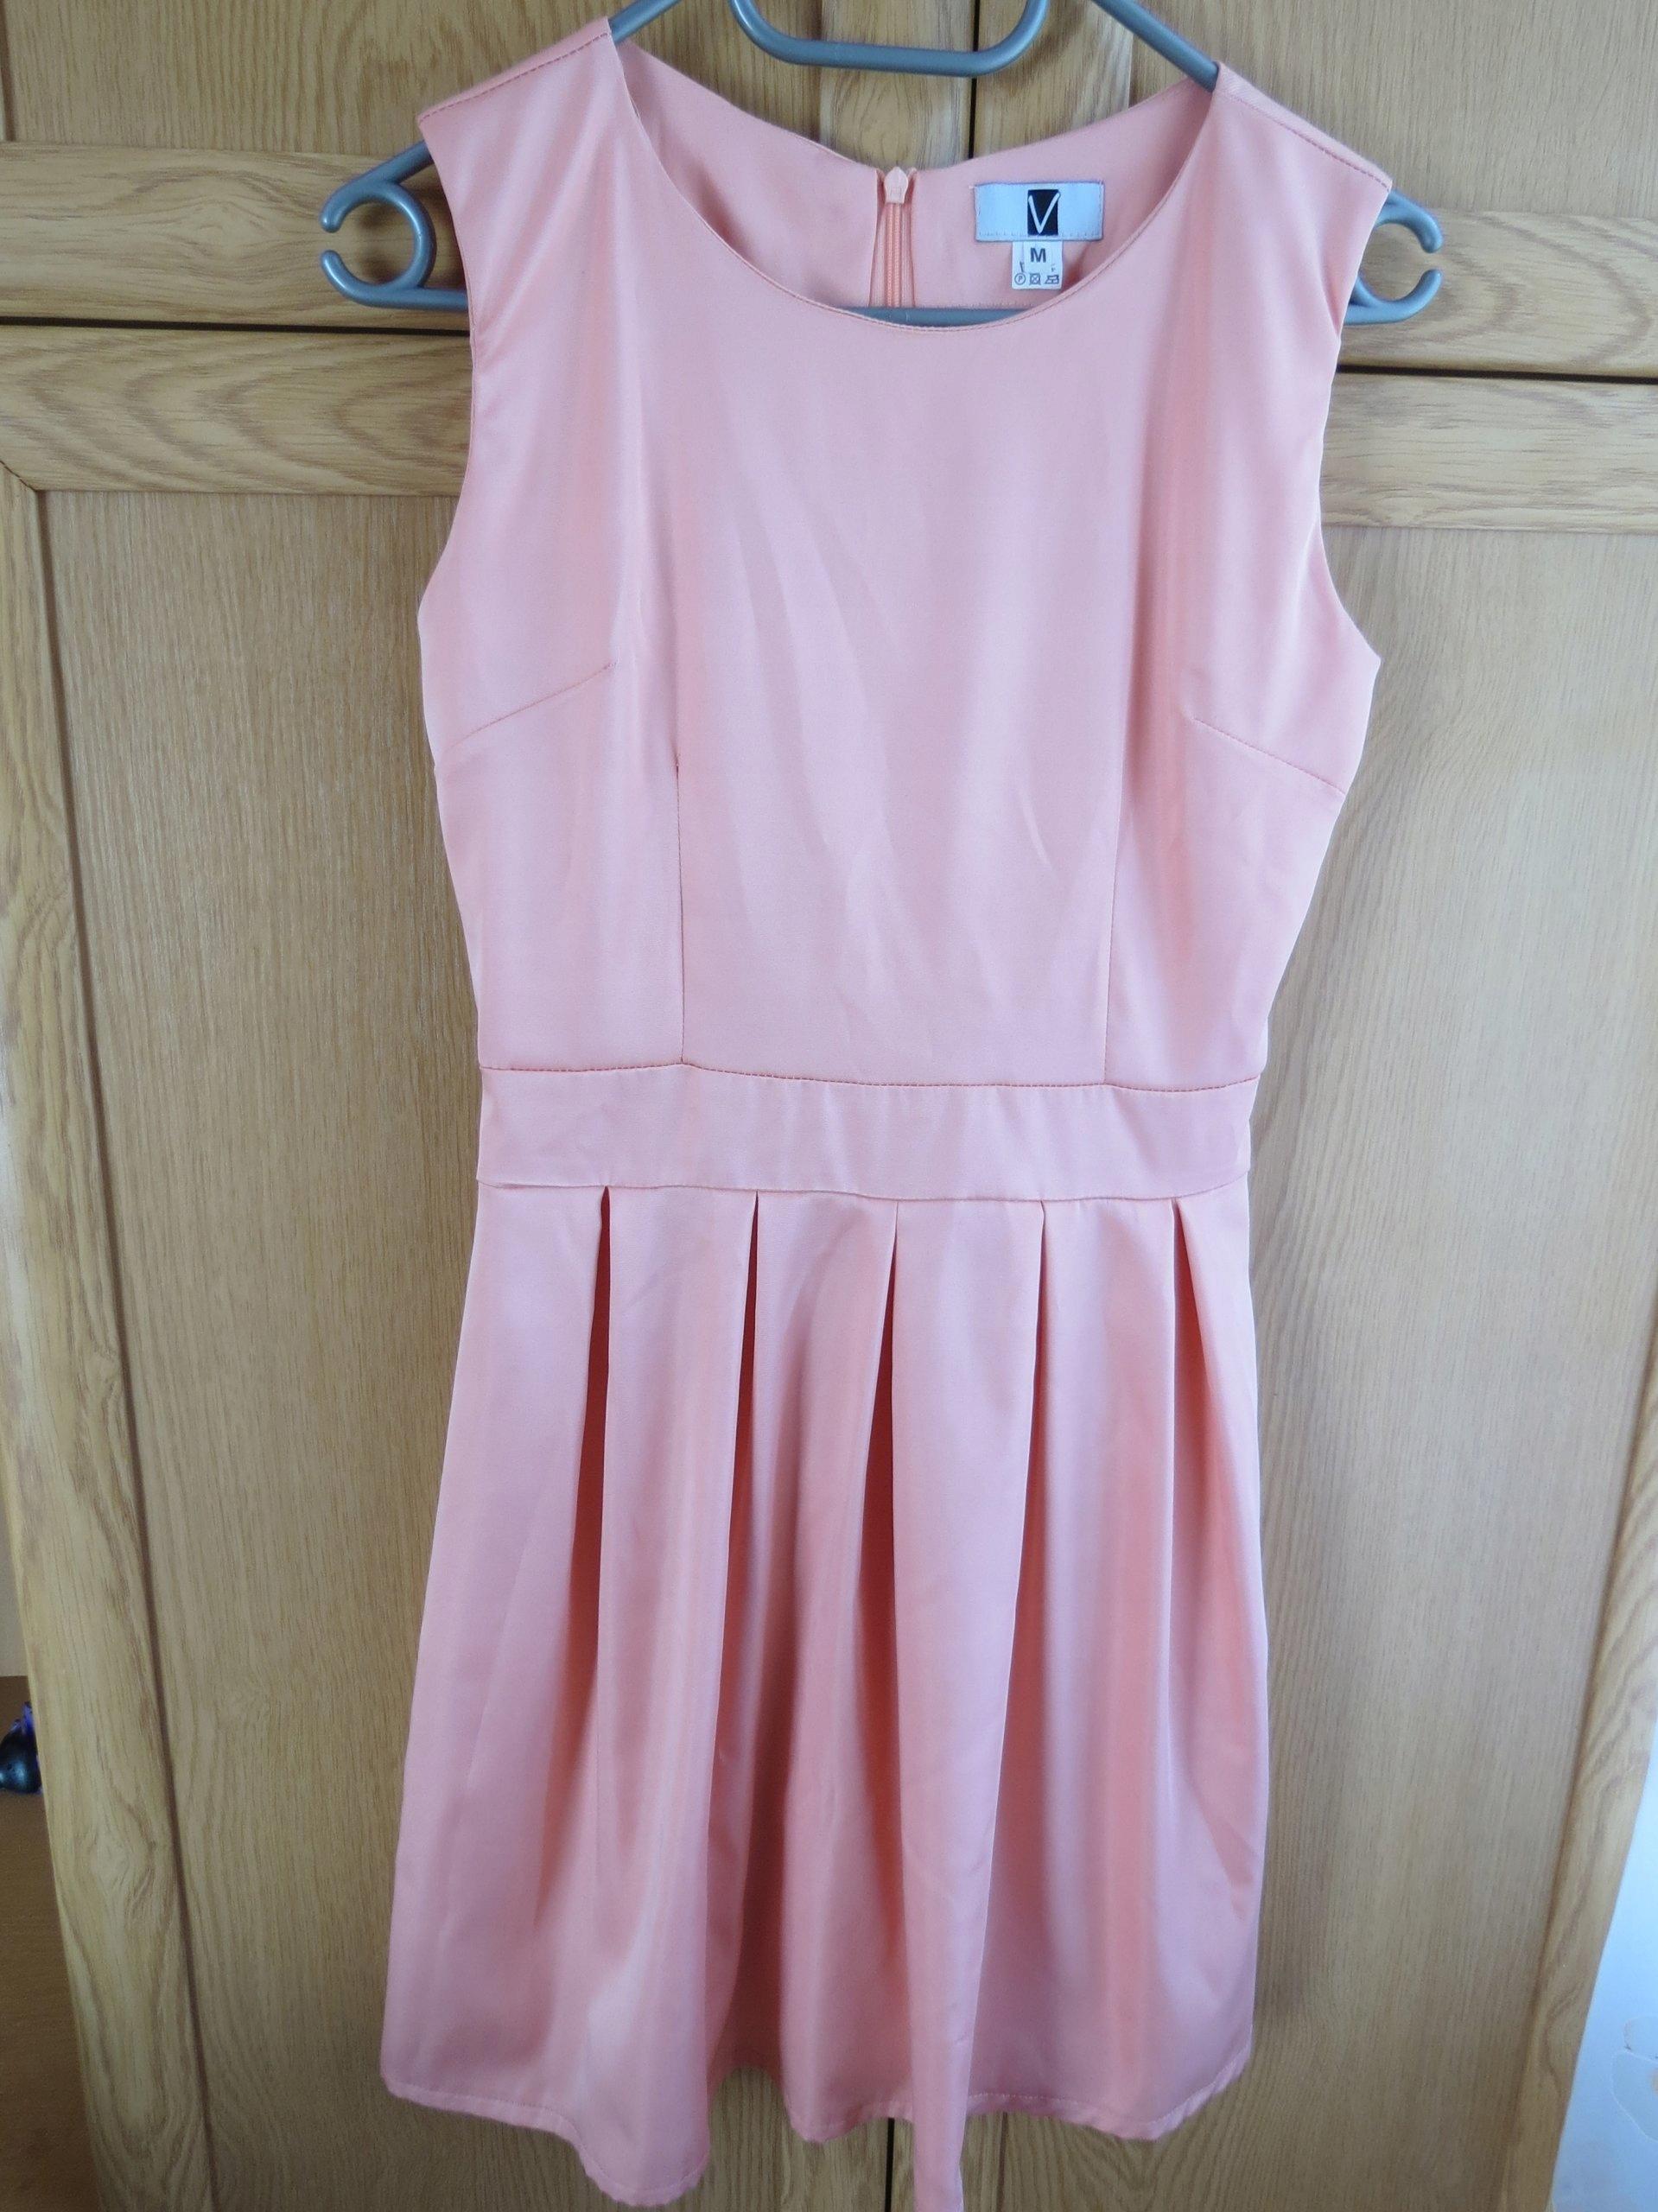 d5a5799121 Łososiowa sukienka Vubu rozmiar M - 7311862738 - oficjalne archiwum ...